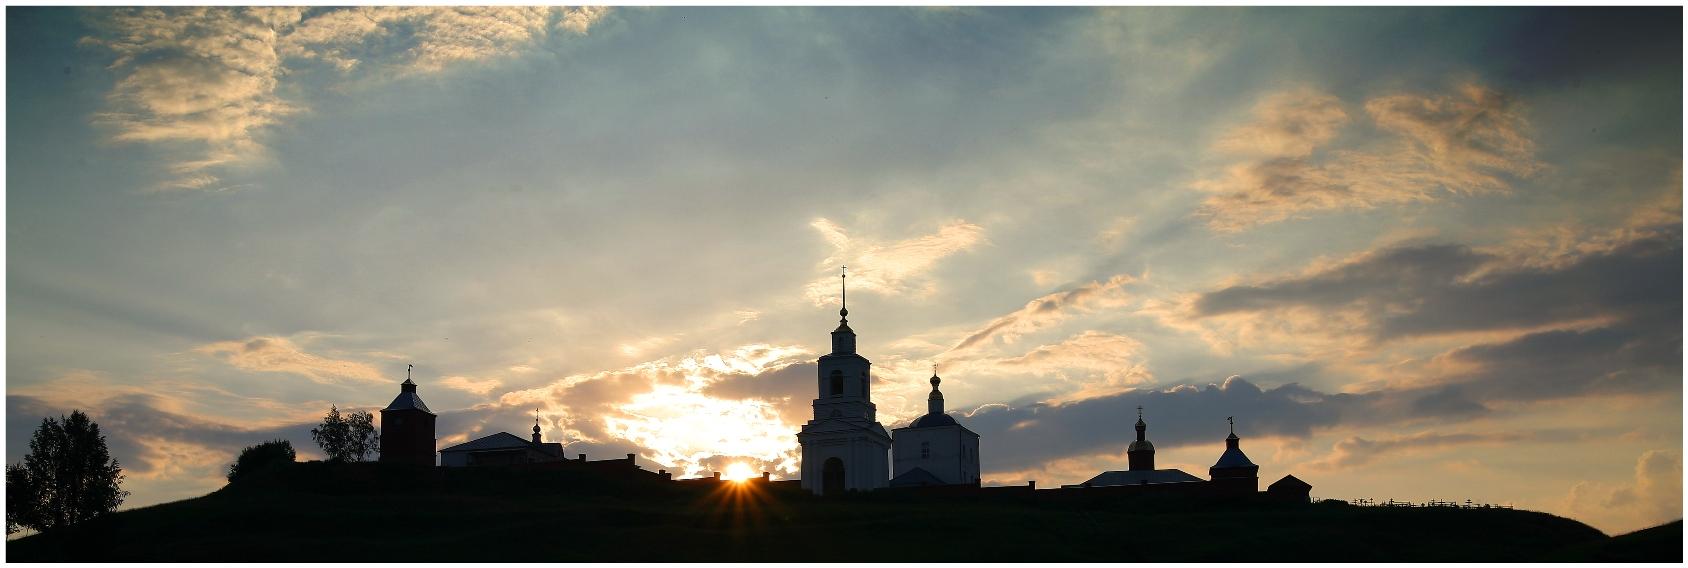 Дмитриево-Ряжский монастырь